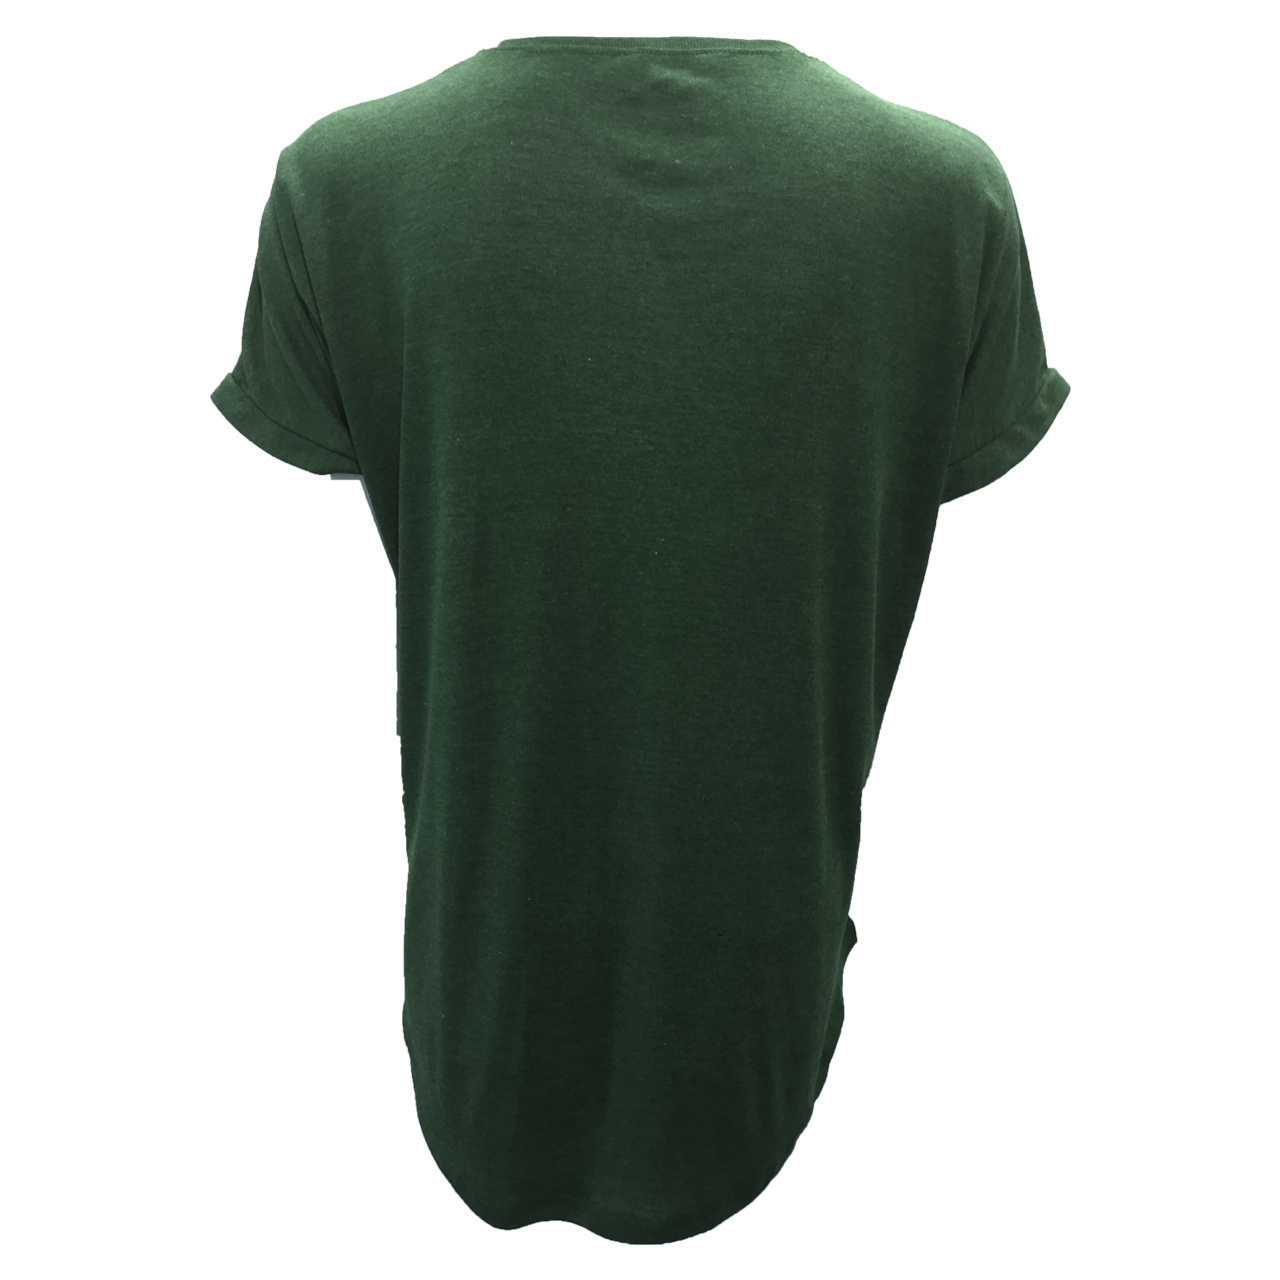 تی شرت آستین کوتاه زنانه مدل butterfly کد tms-1056 رنگ سبز